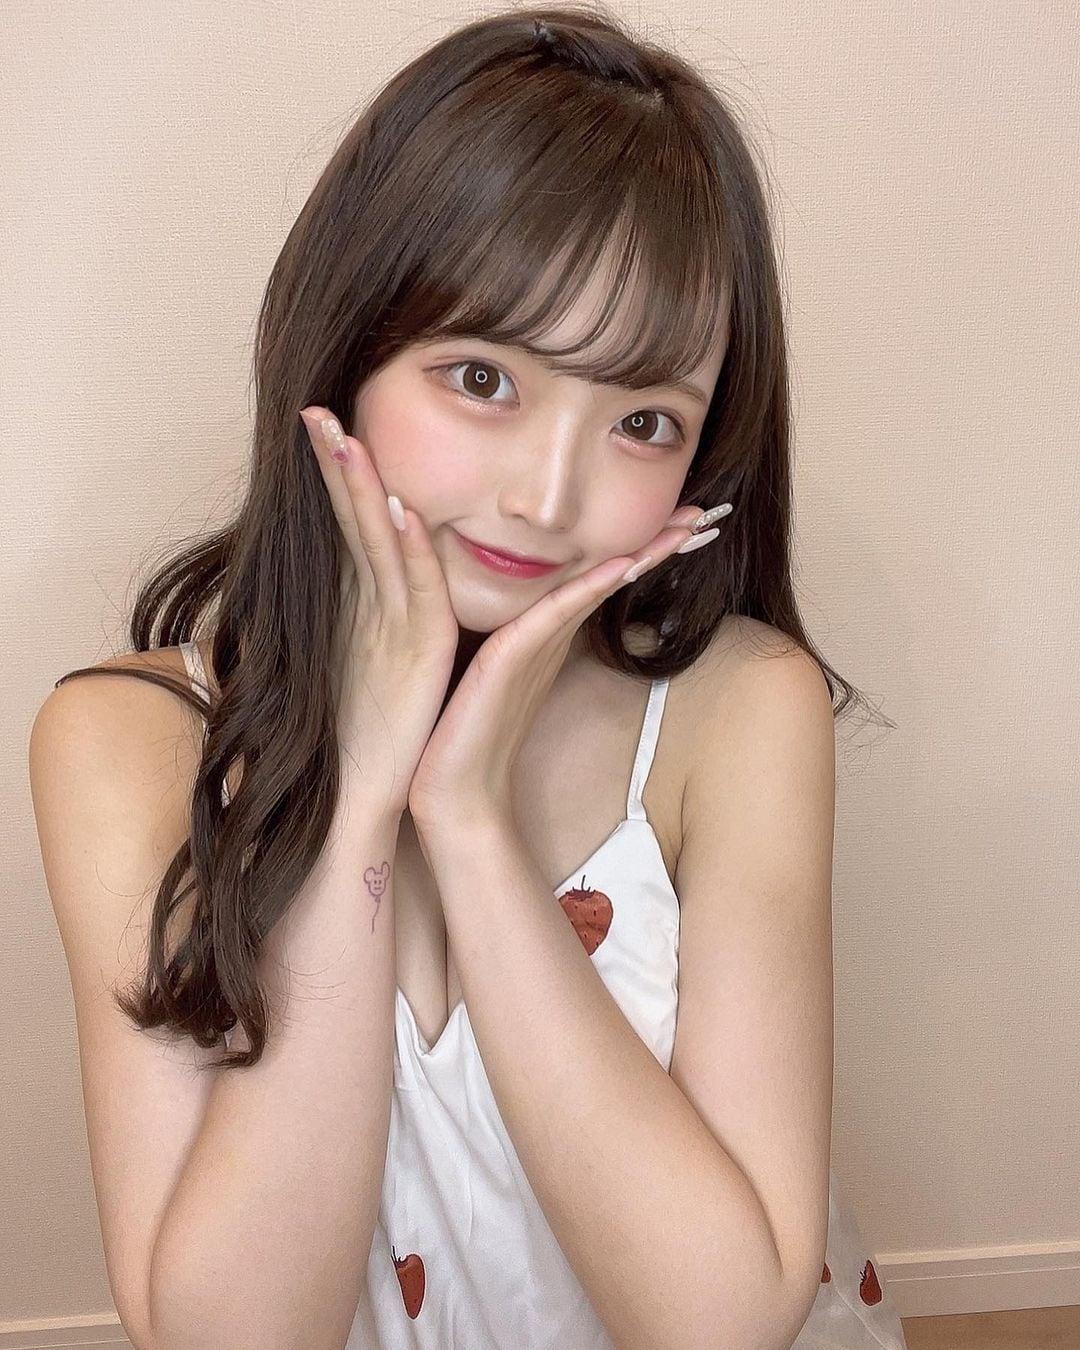 元NMB48植村梓「柔らかそうな胸元がセクシー…」いちご柄のキャミ姿にファン「無限に欲しい」【画像2枚】の画像002